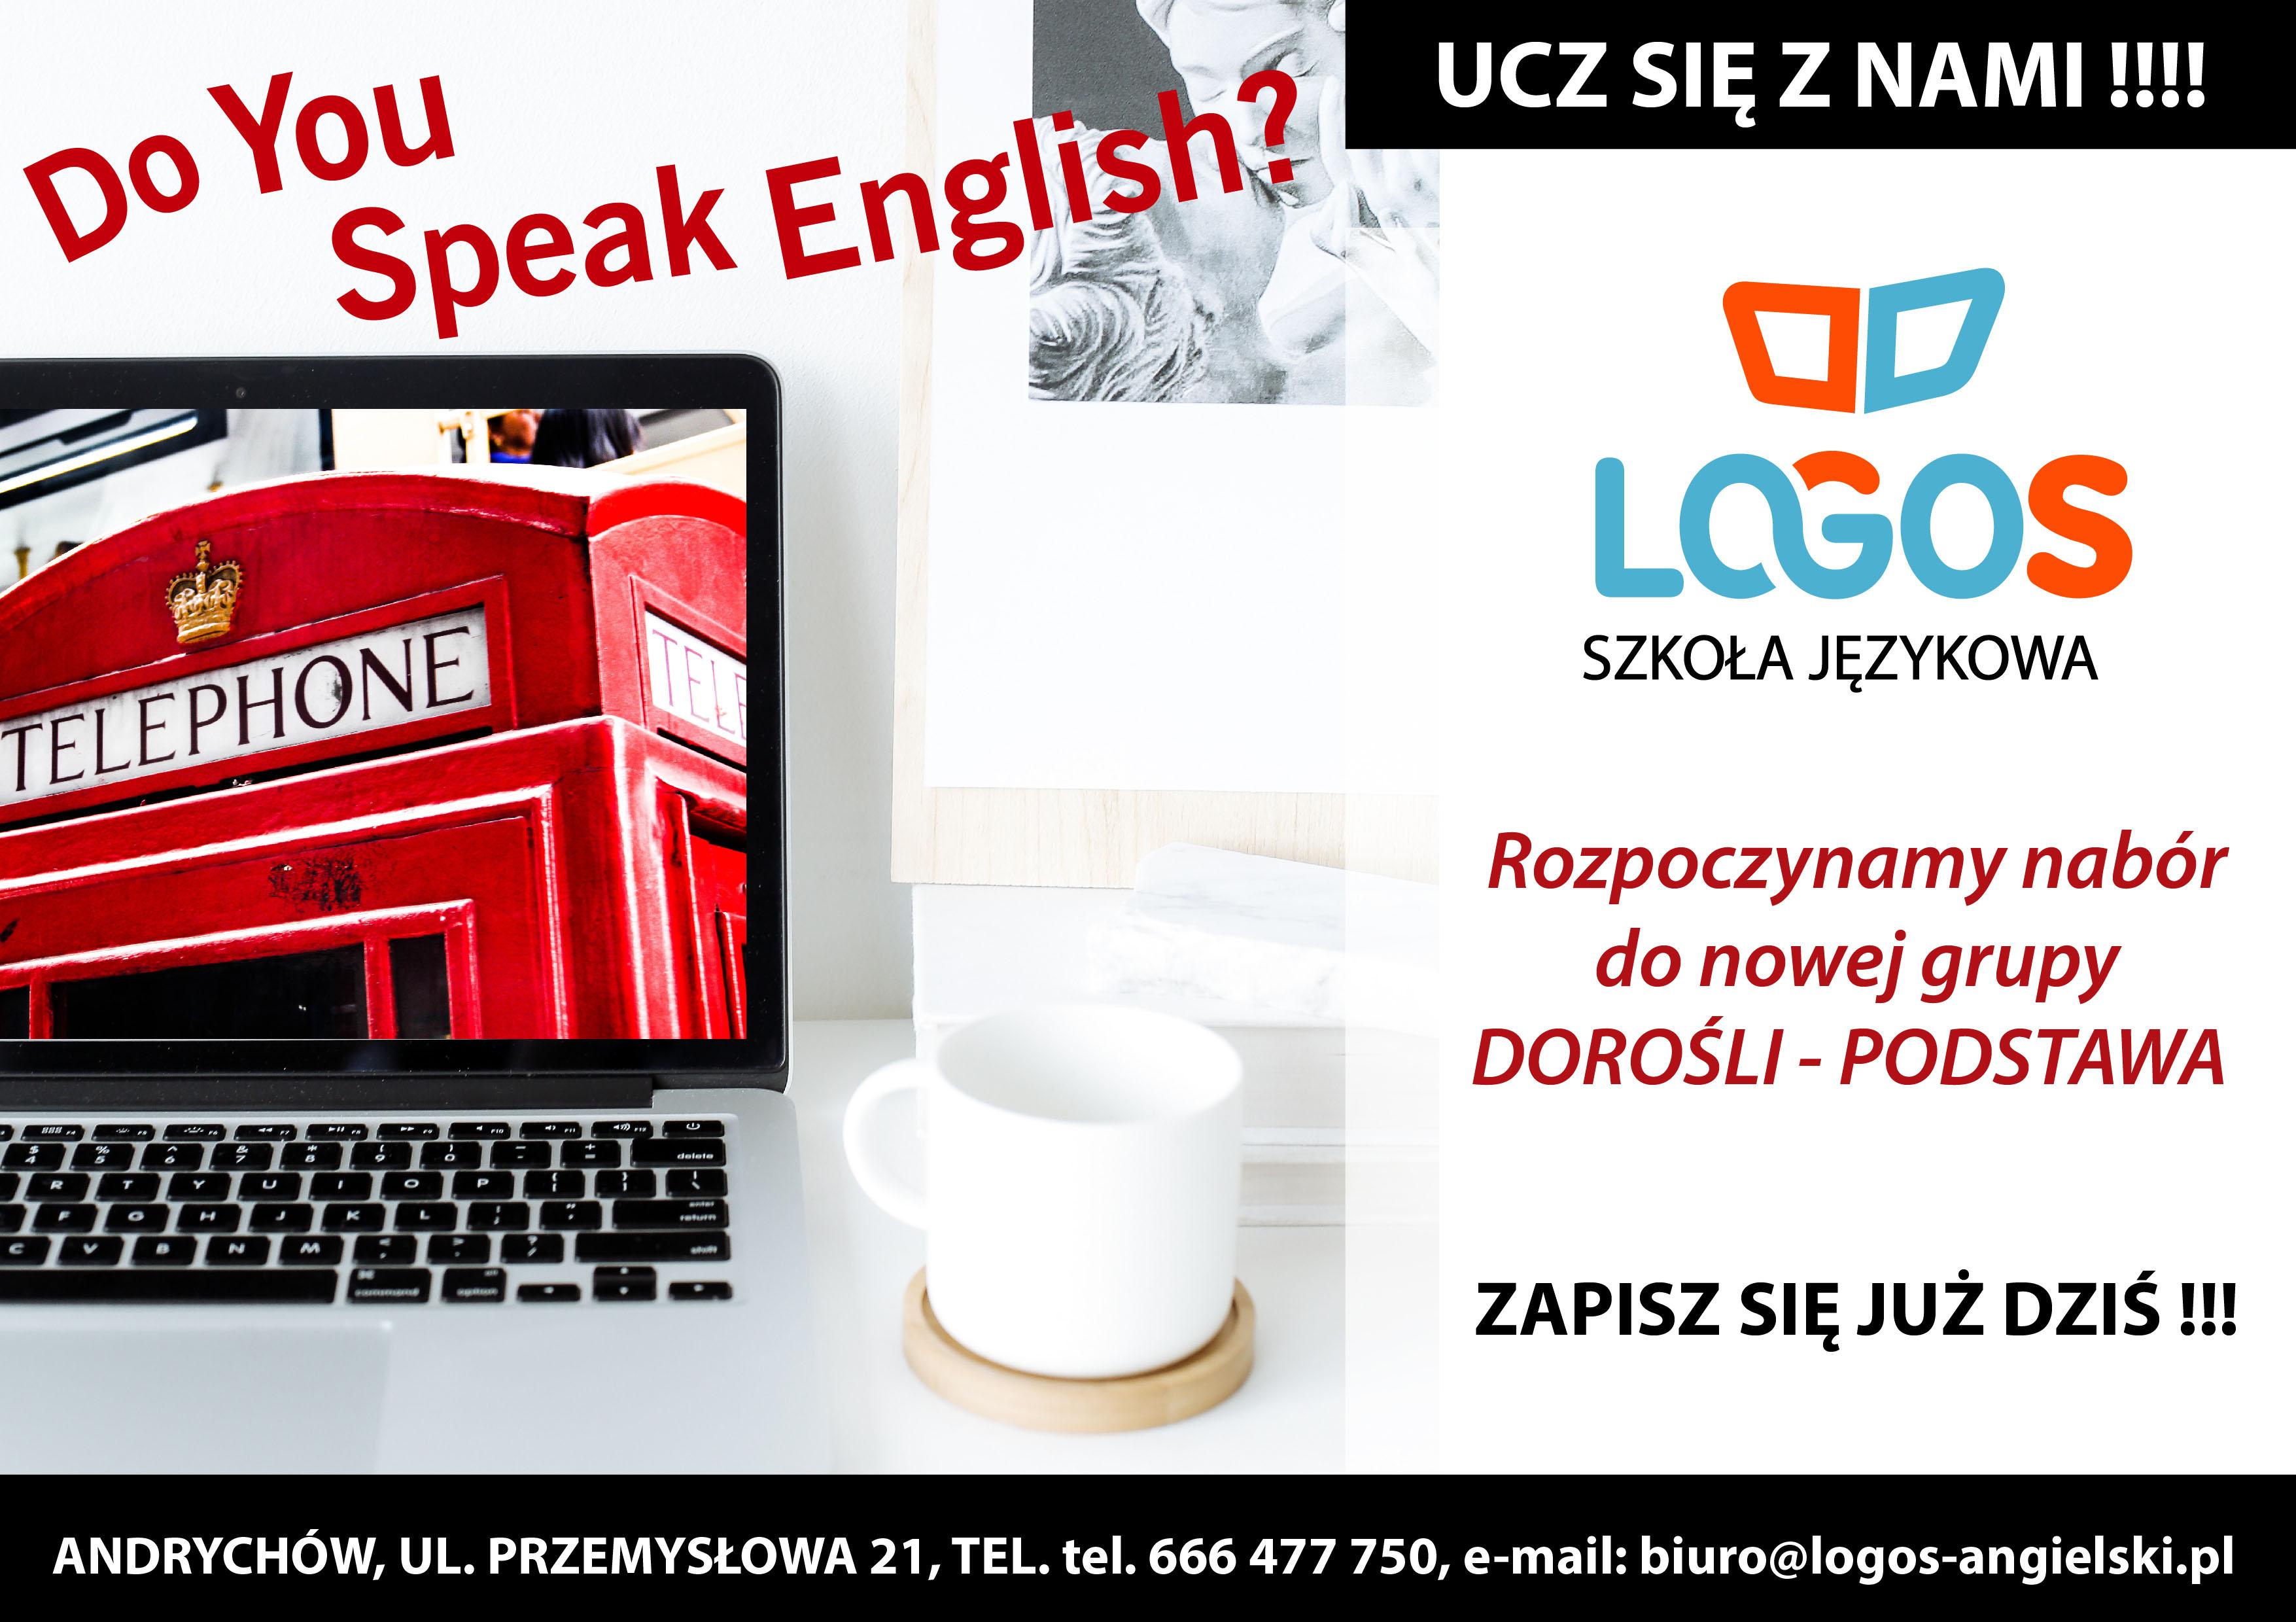 Szkoła Językowa LOGOS: nowa grupa dla dorosłych